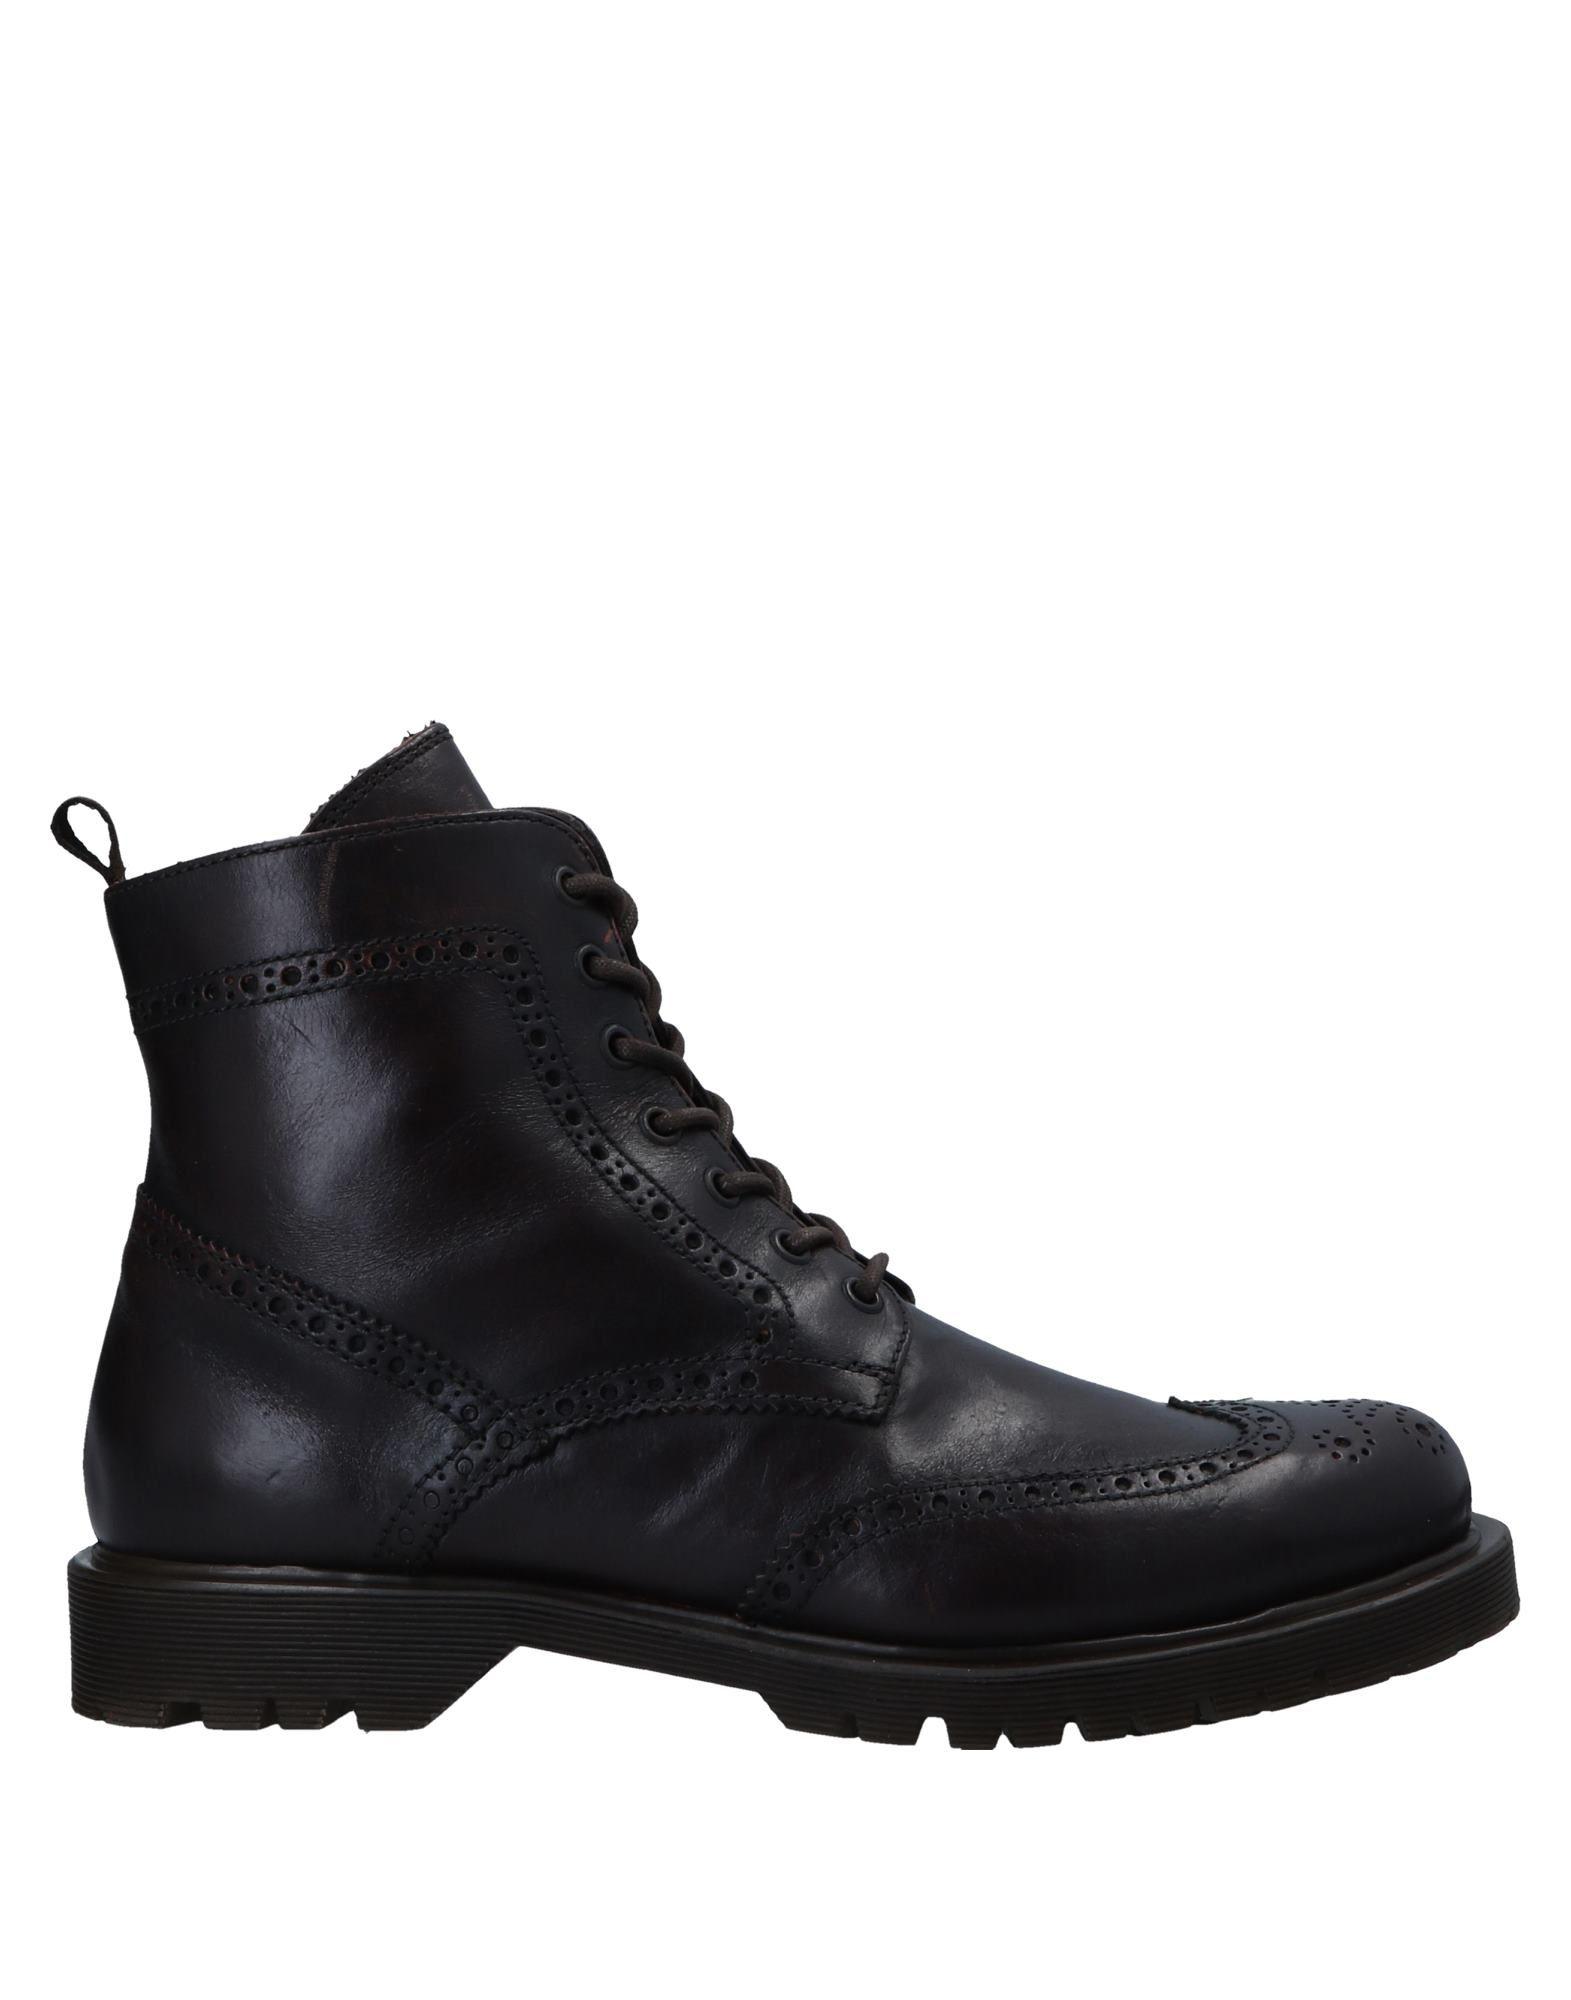 Pantofola D'oro Stiefelette Herren  11546533BV Gute Qualität beliebte Schuhe